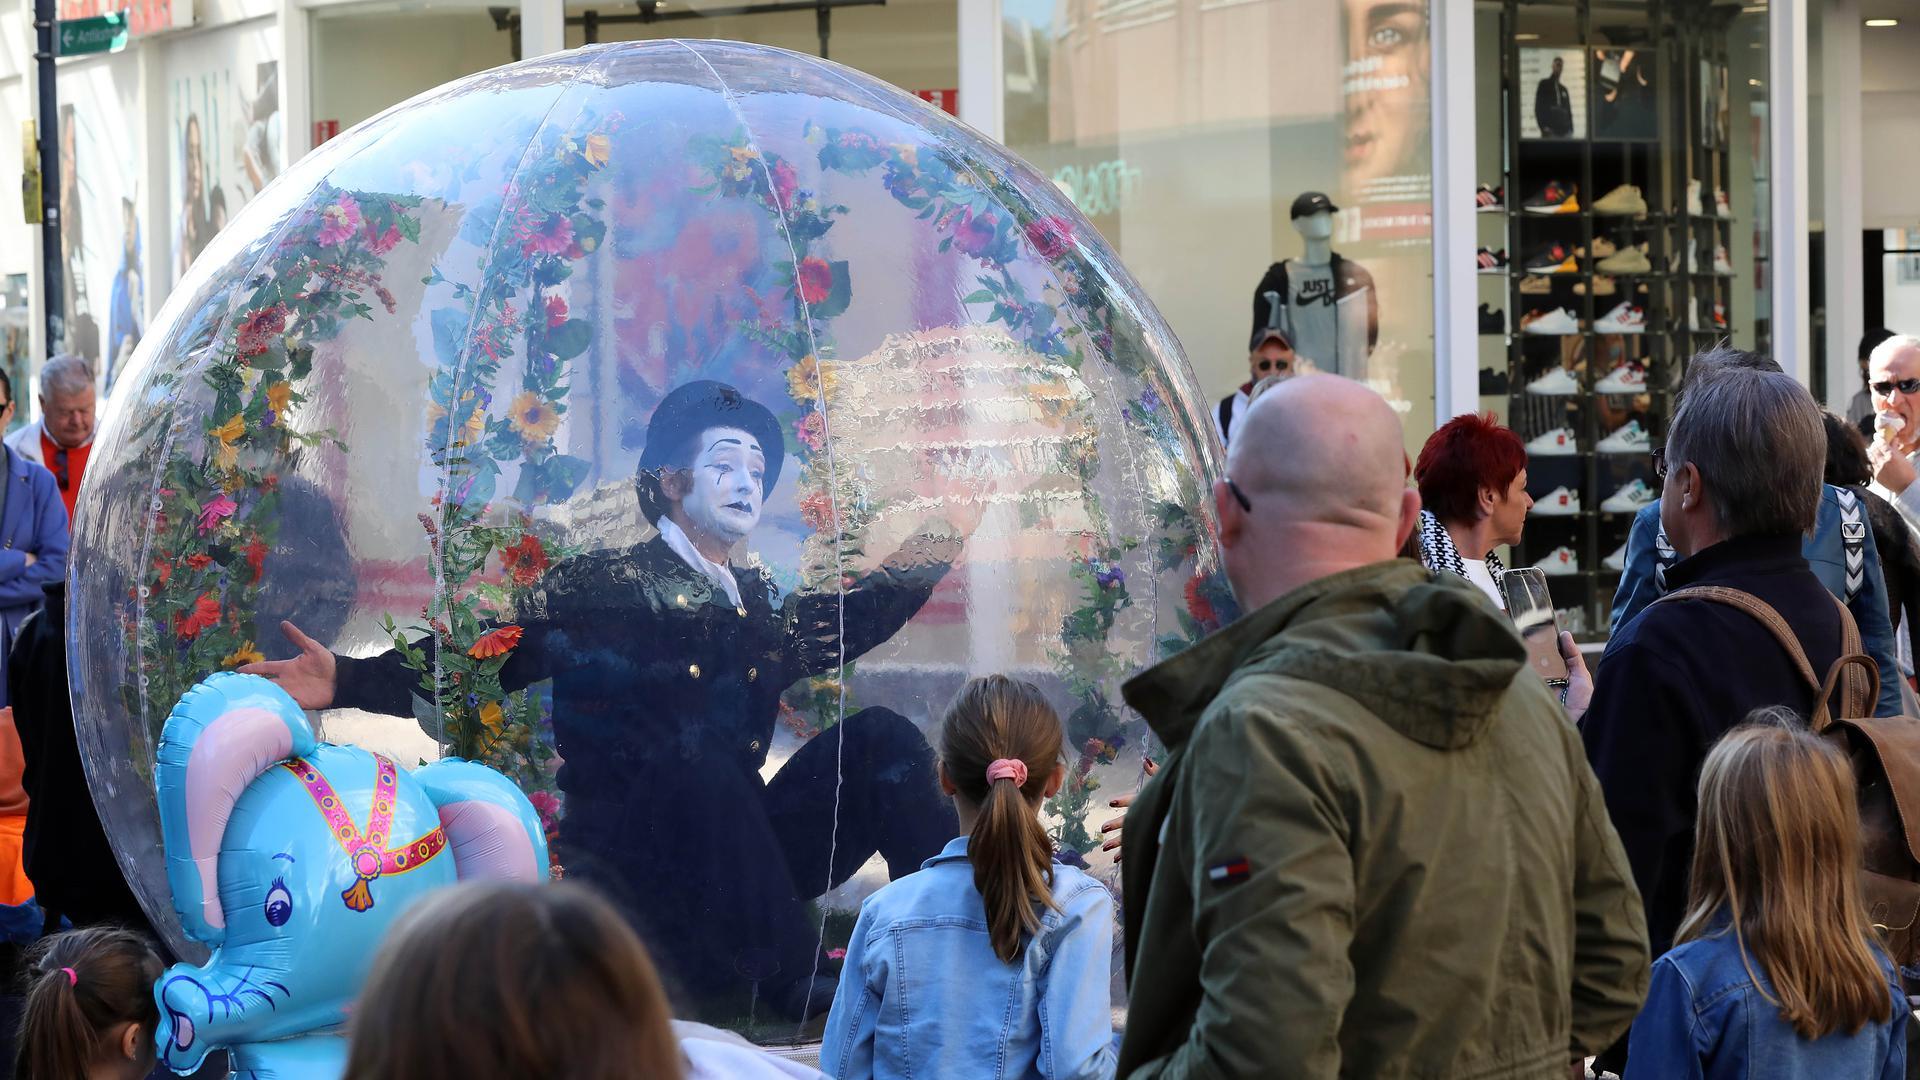 Künstler beim Stadtfest in der Karlsruher Kaiserstraße während des verkaufsoffenen Sonntags